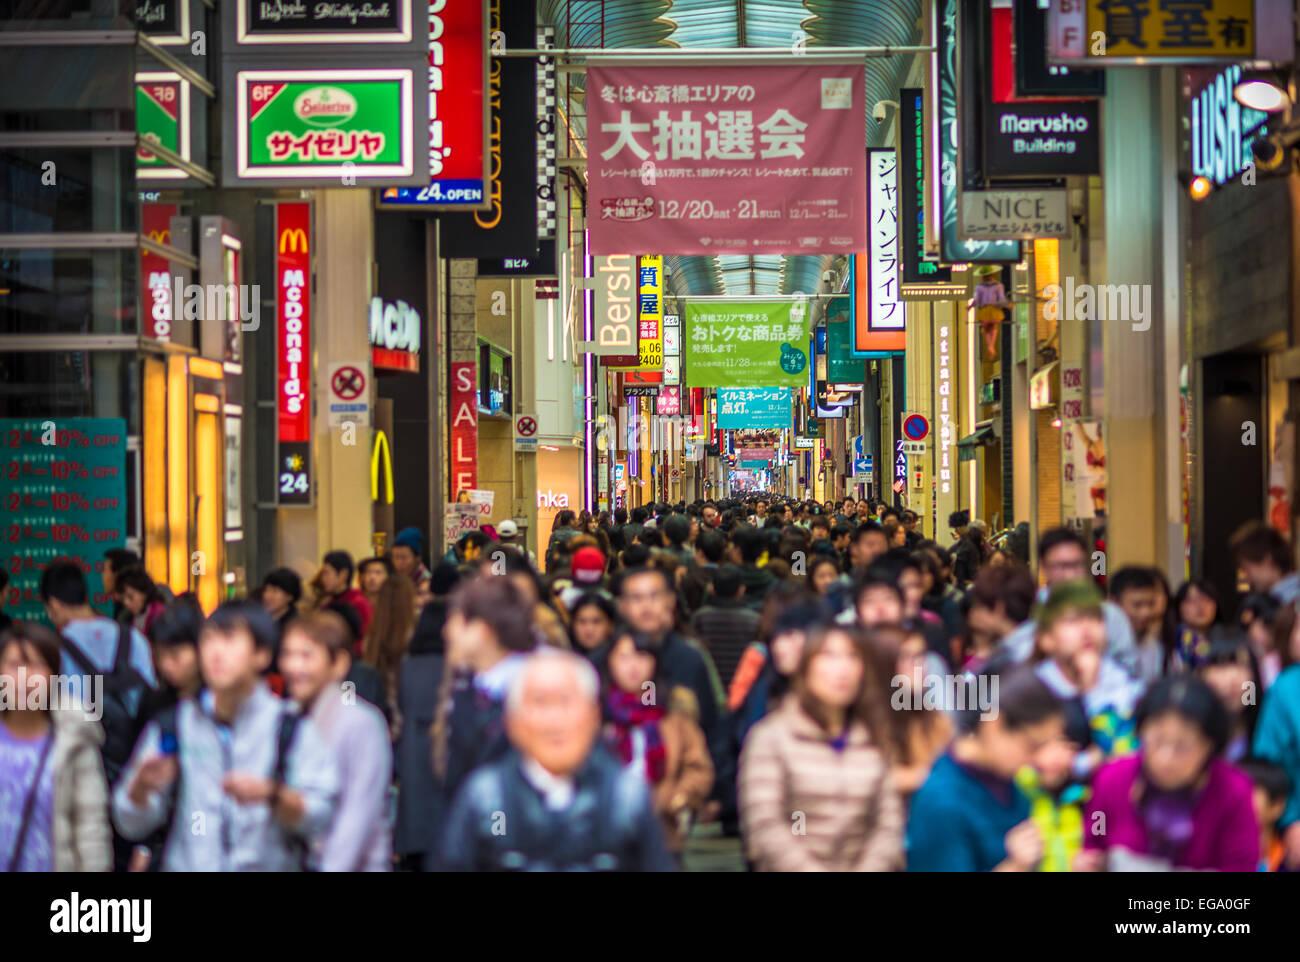 Crowded Shinsaibashi shopping street in Osaka, Japan, Faces defocused - Stock Image